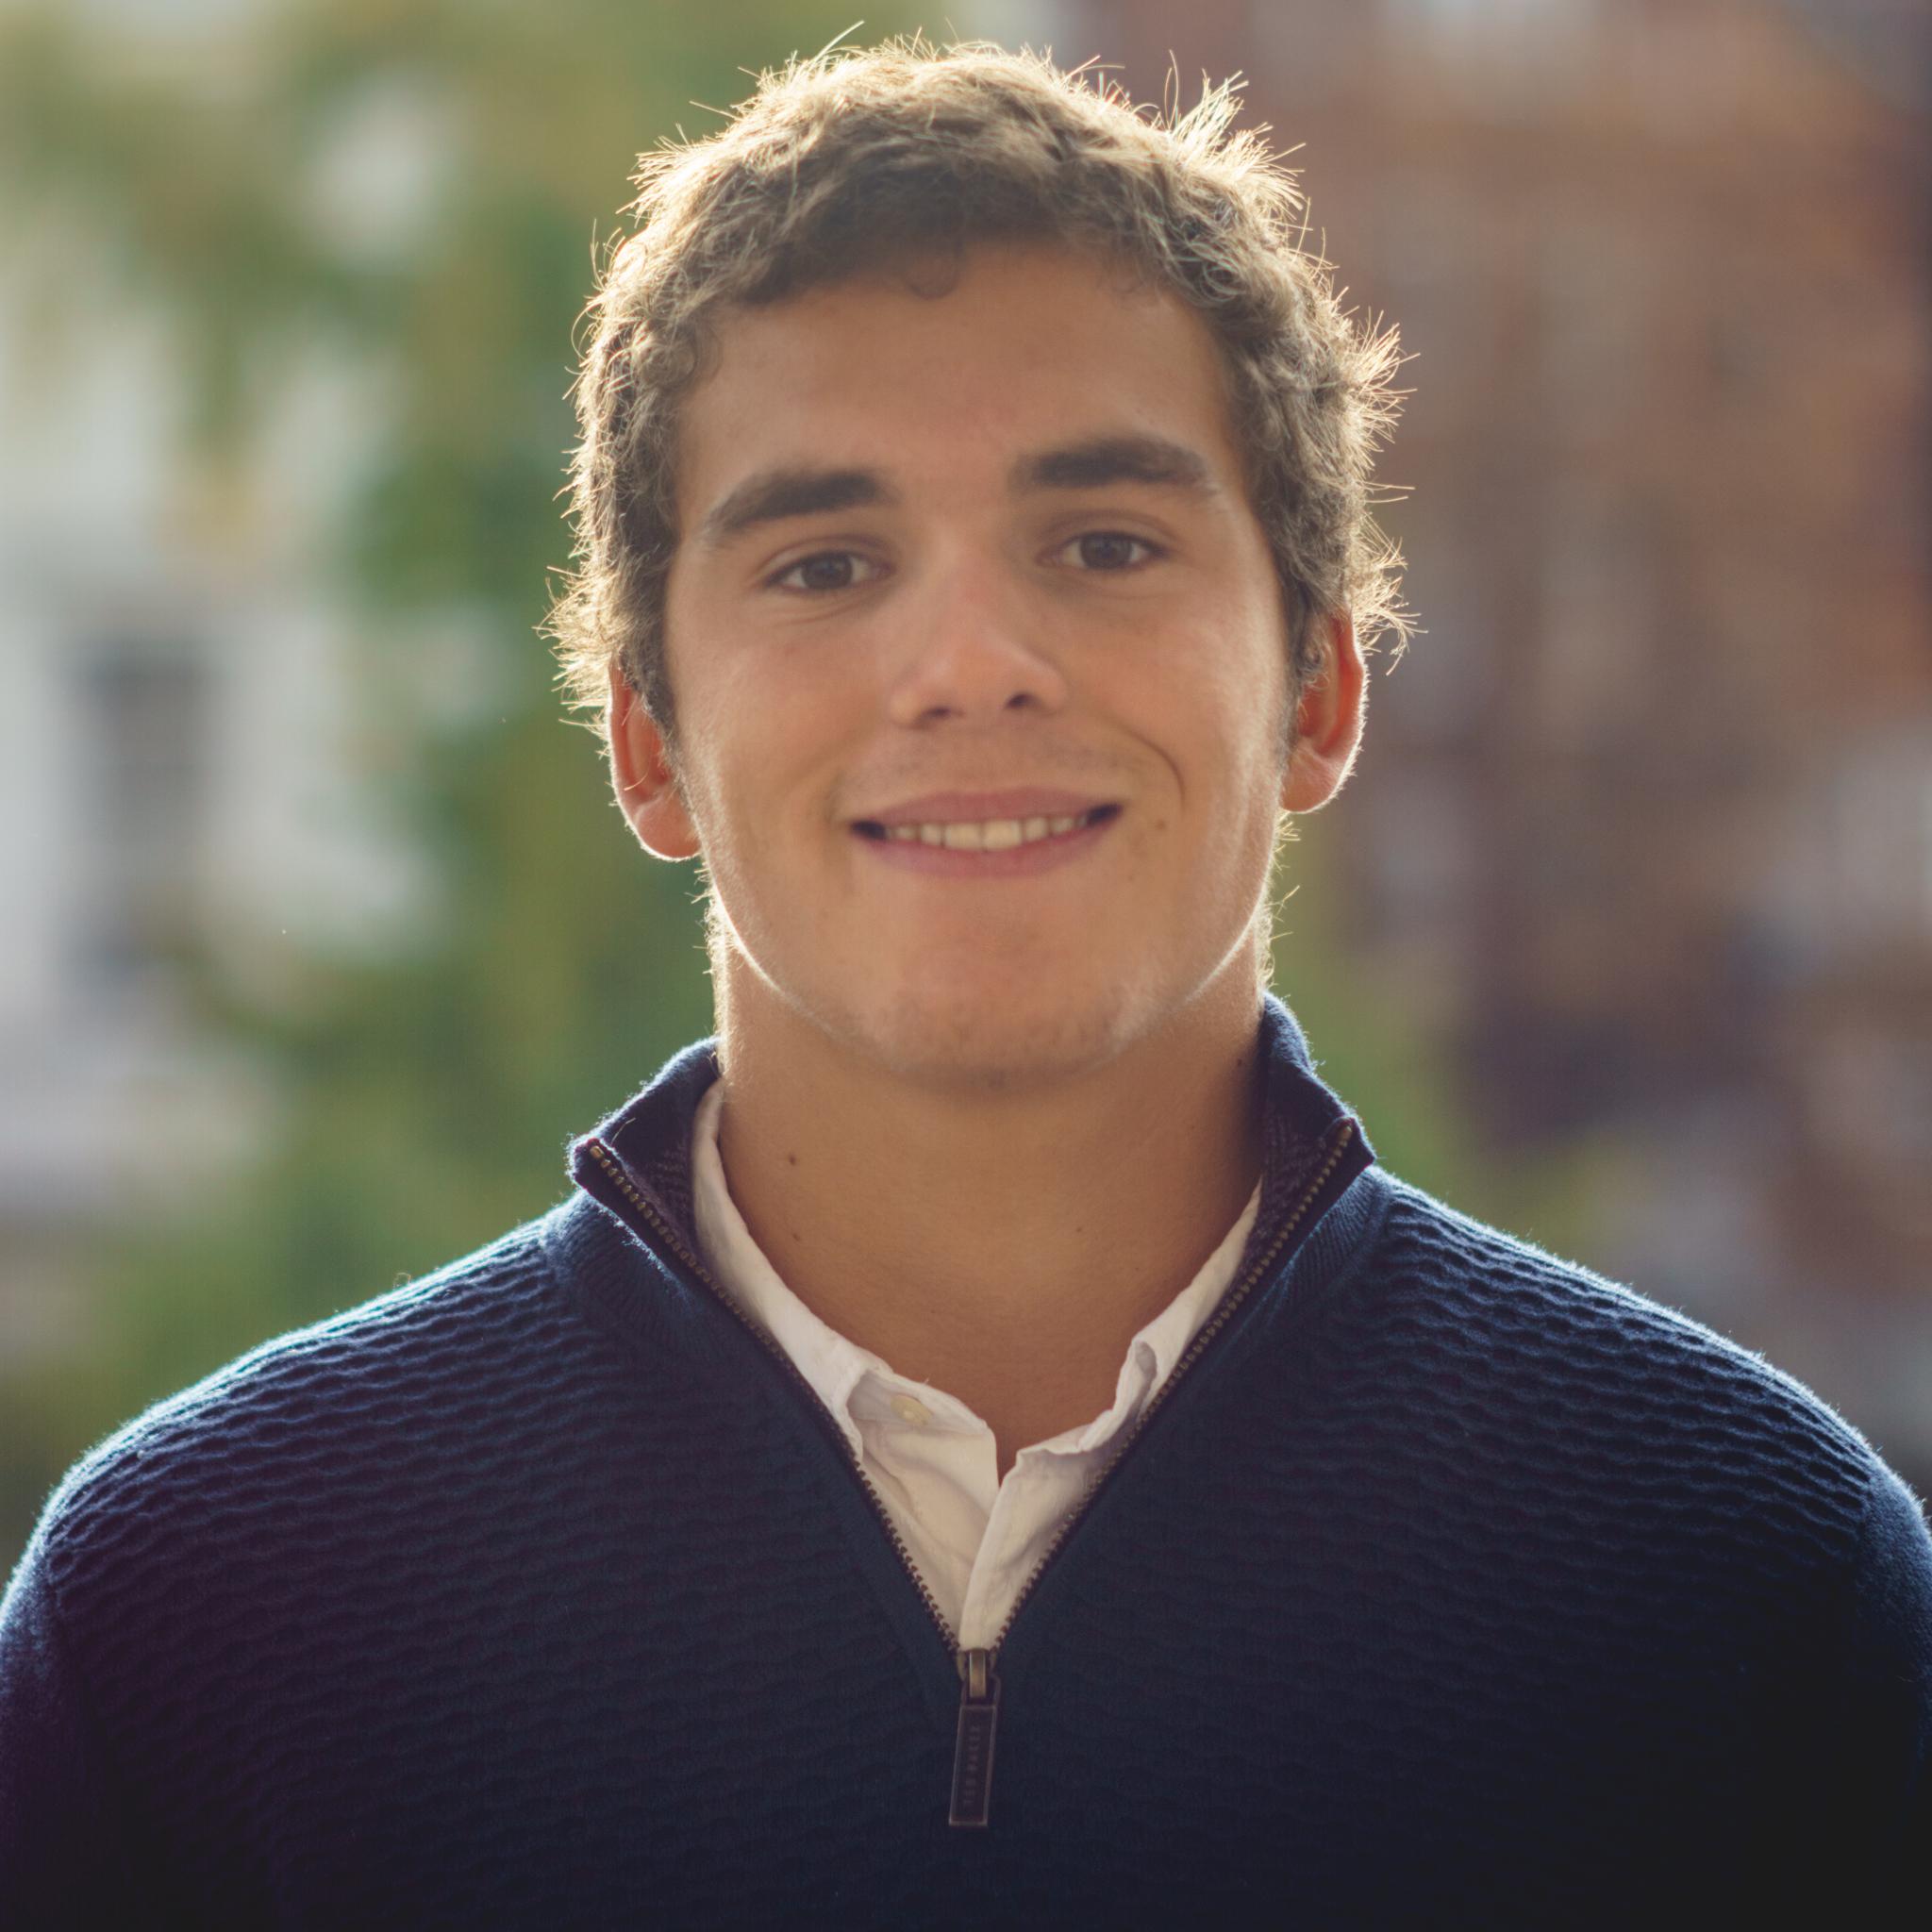 Julien Emery